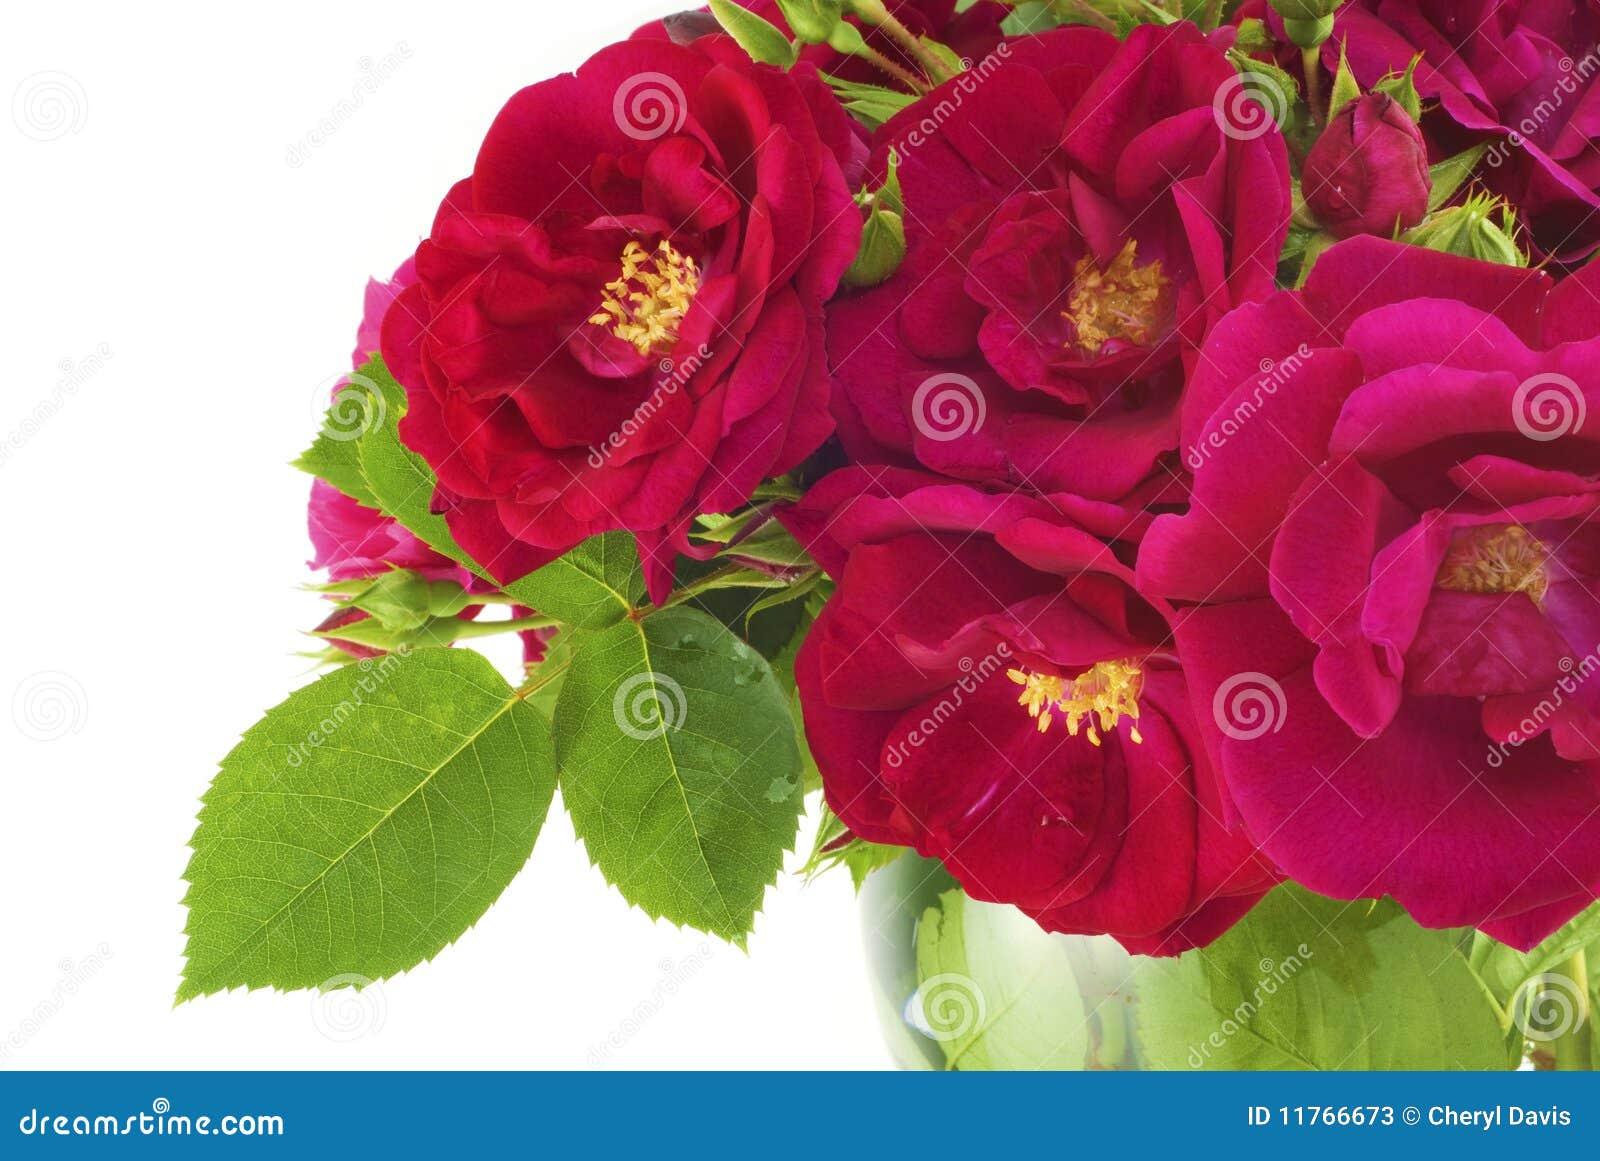 fotos jardim horizontal : fotos jardim horizontal:Um ramalhete bonito de rosas do jardim em um vaso, horizontal com